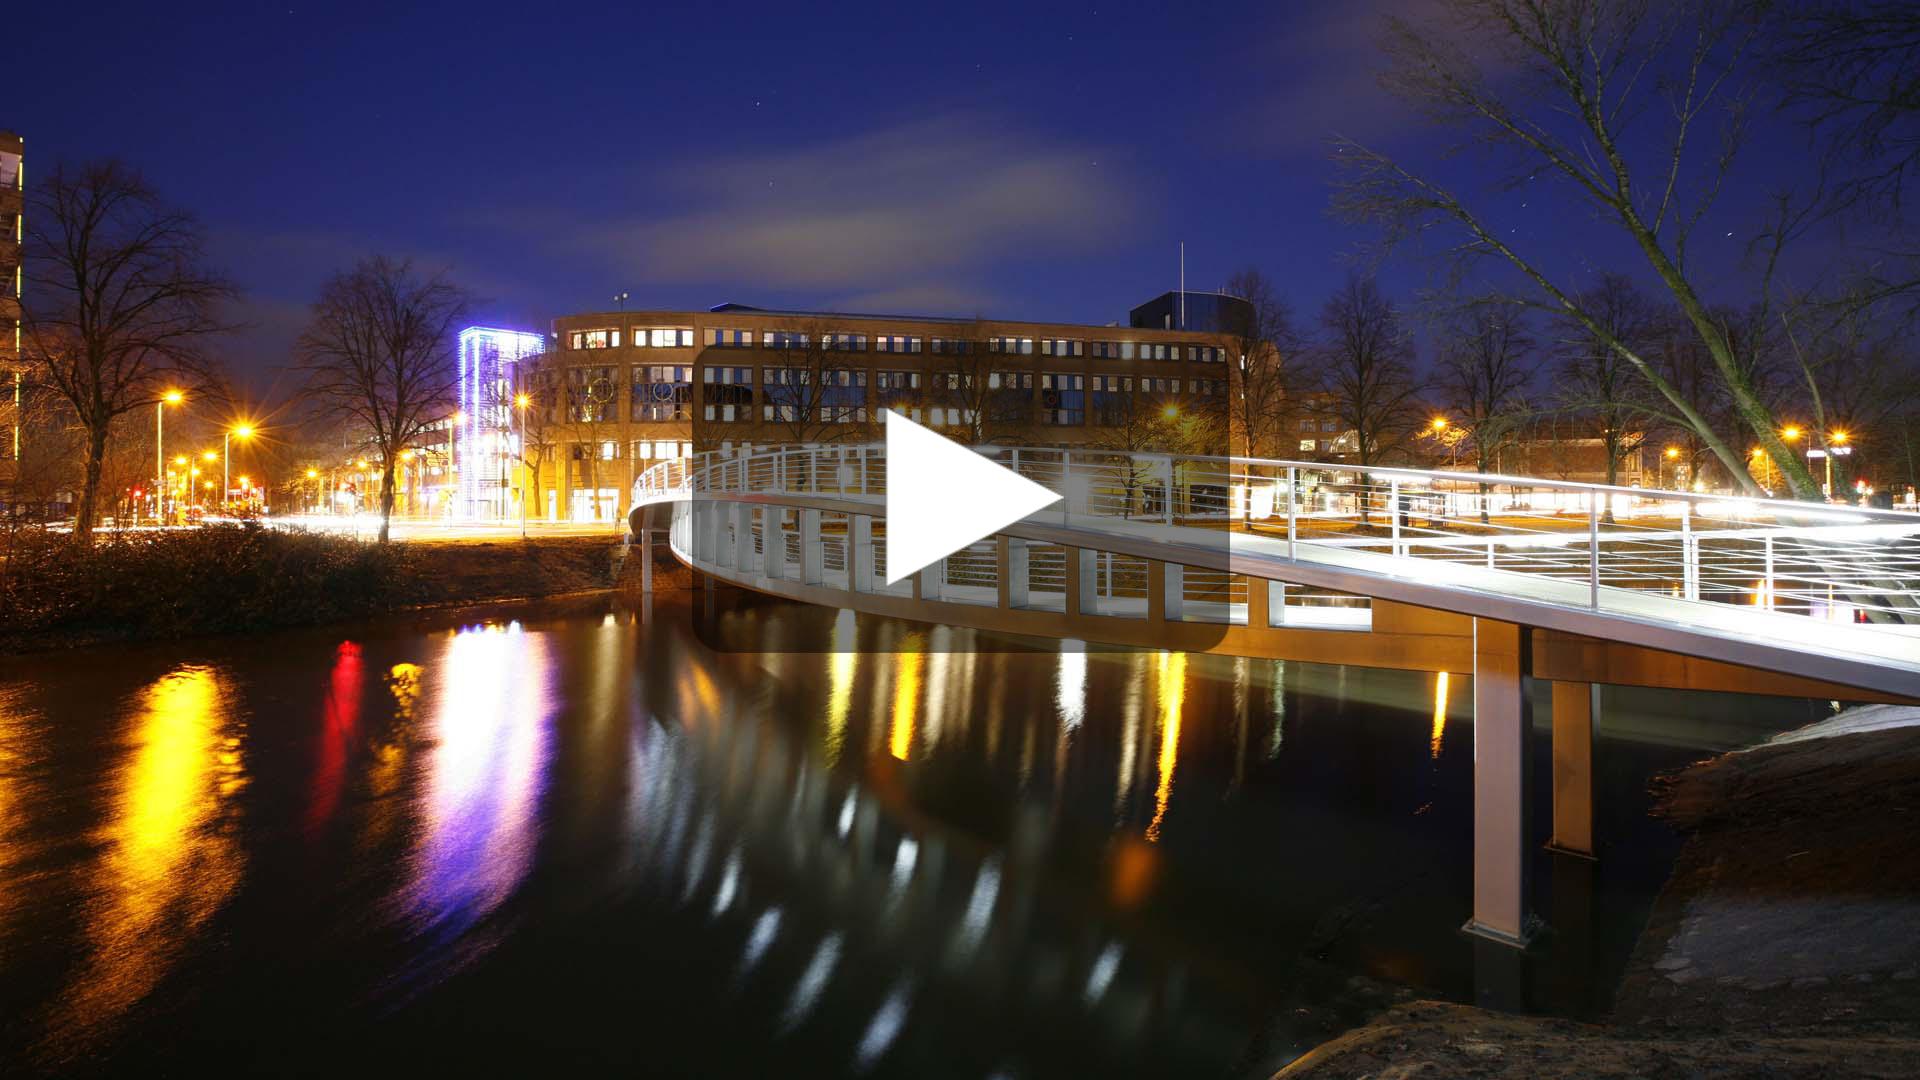 video-voetgangersbrug-Tanerij-Zwolle-ipvDelft